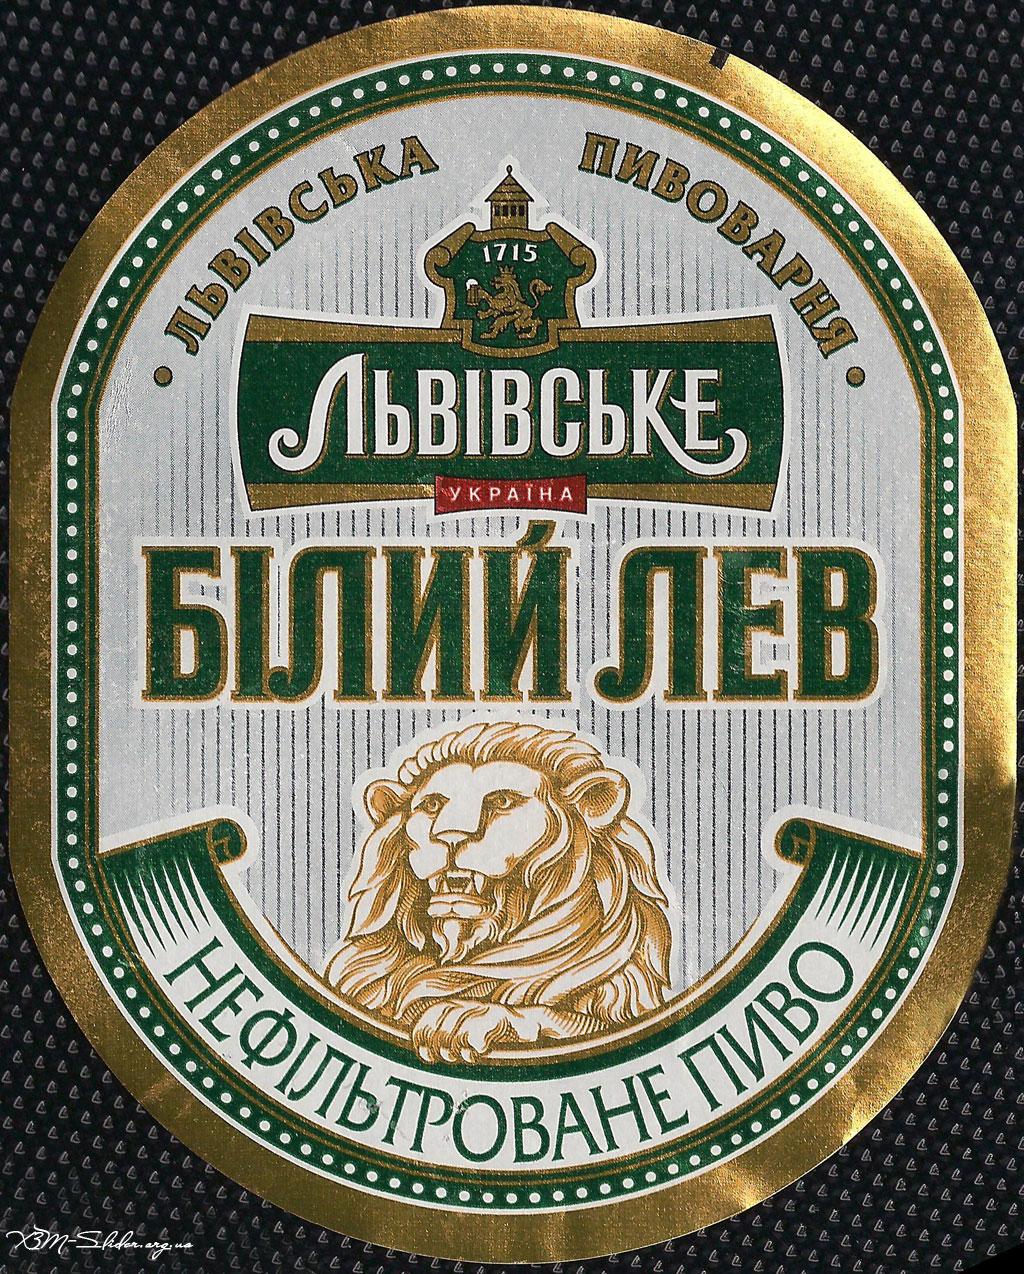 Львівське - Білий Лев - Нефільтроване пиво